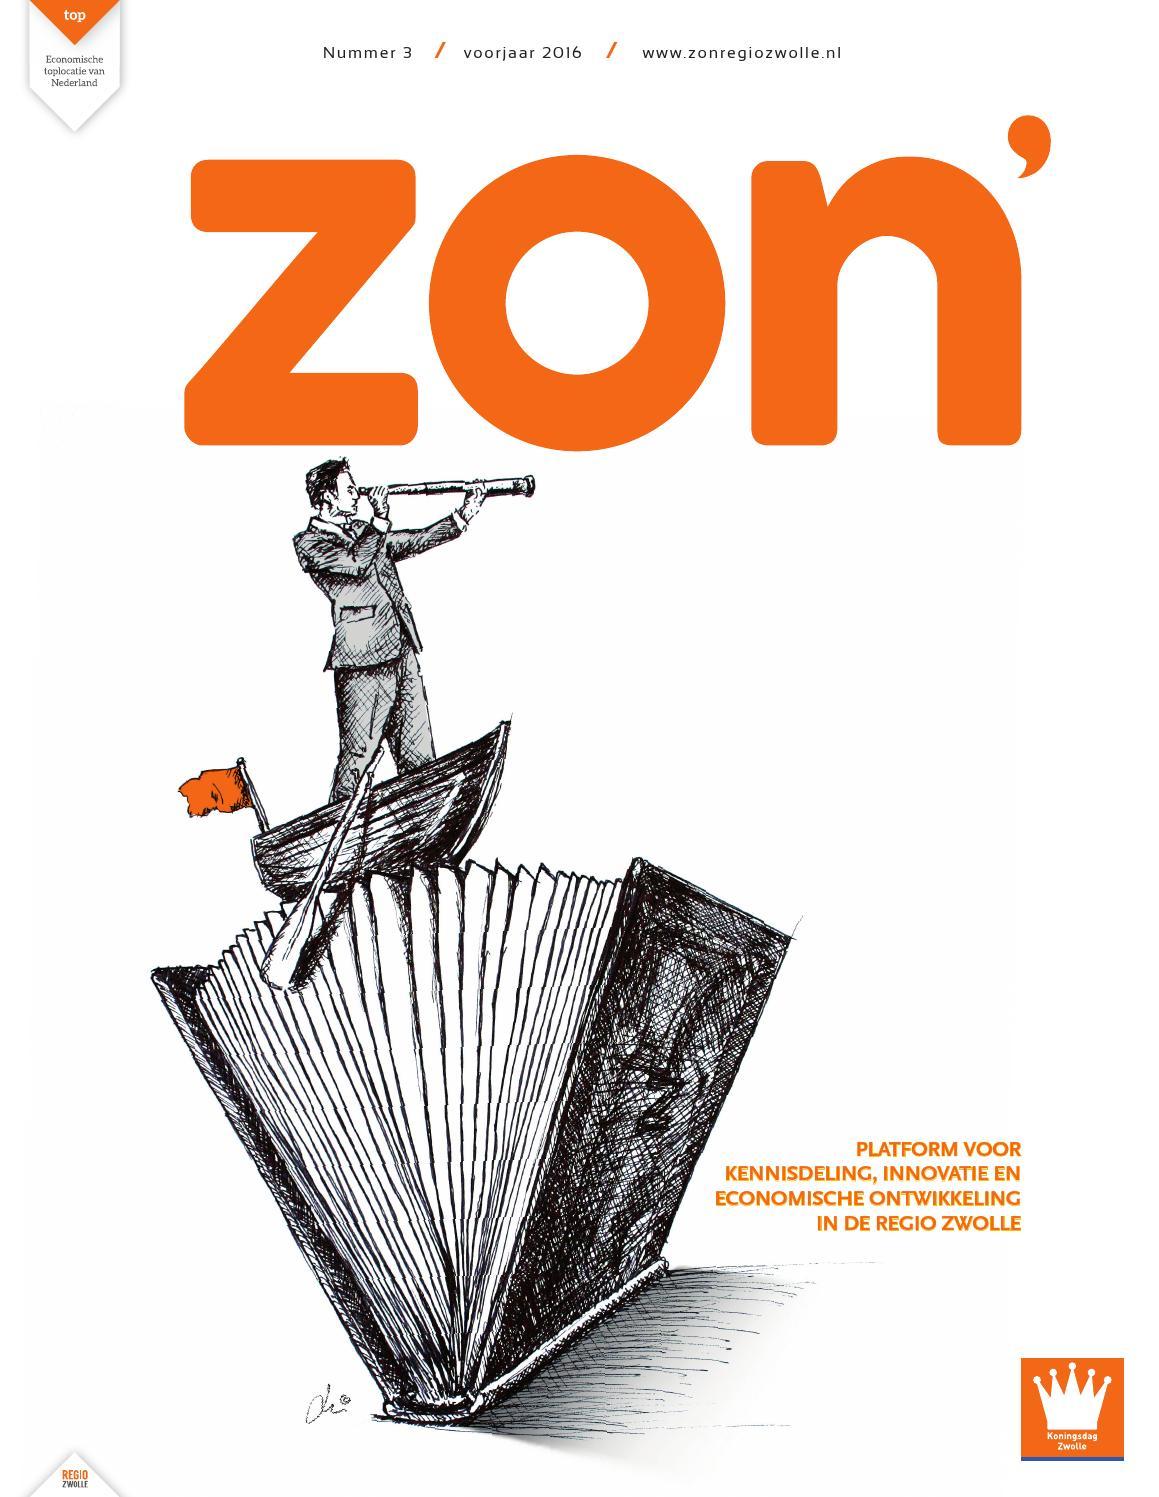 263d724e5d4 ZON' regio zwolle voorjaar 2016 by Advice reclame-adviesbureau - issuu